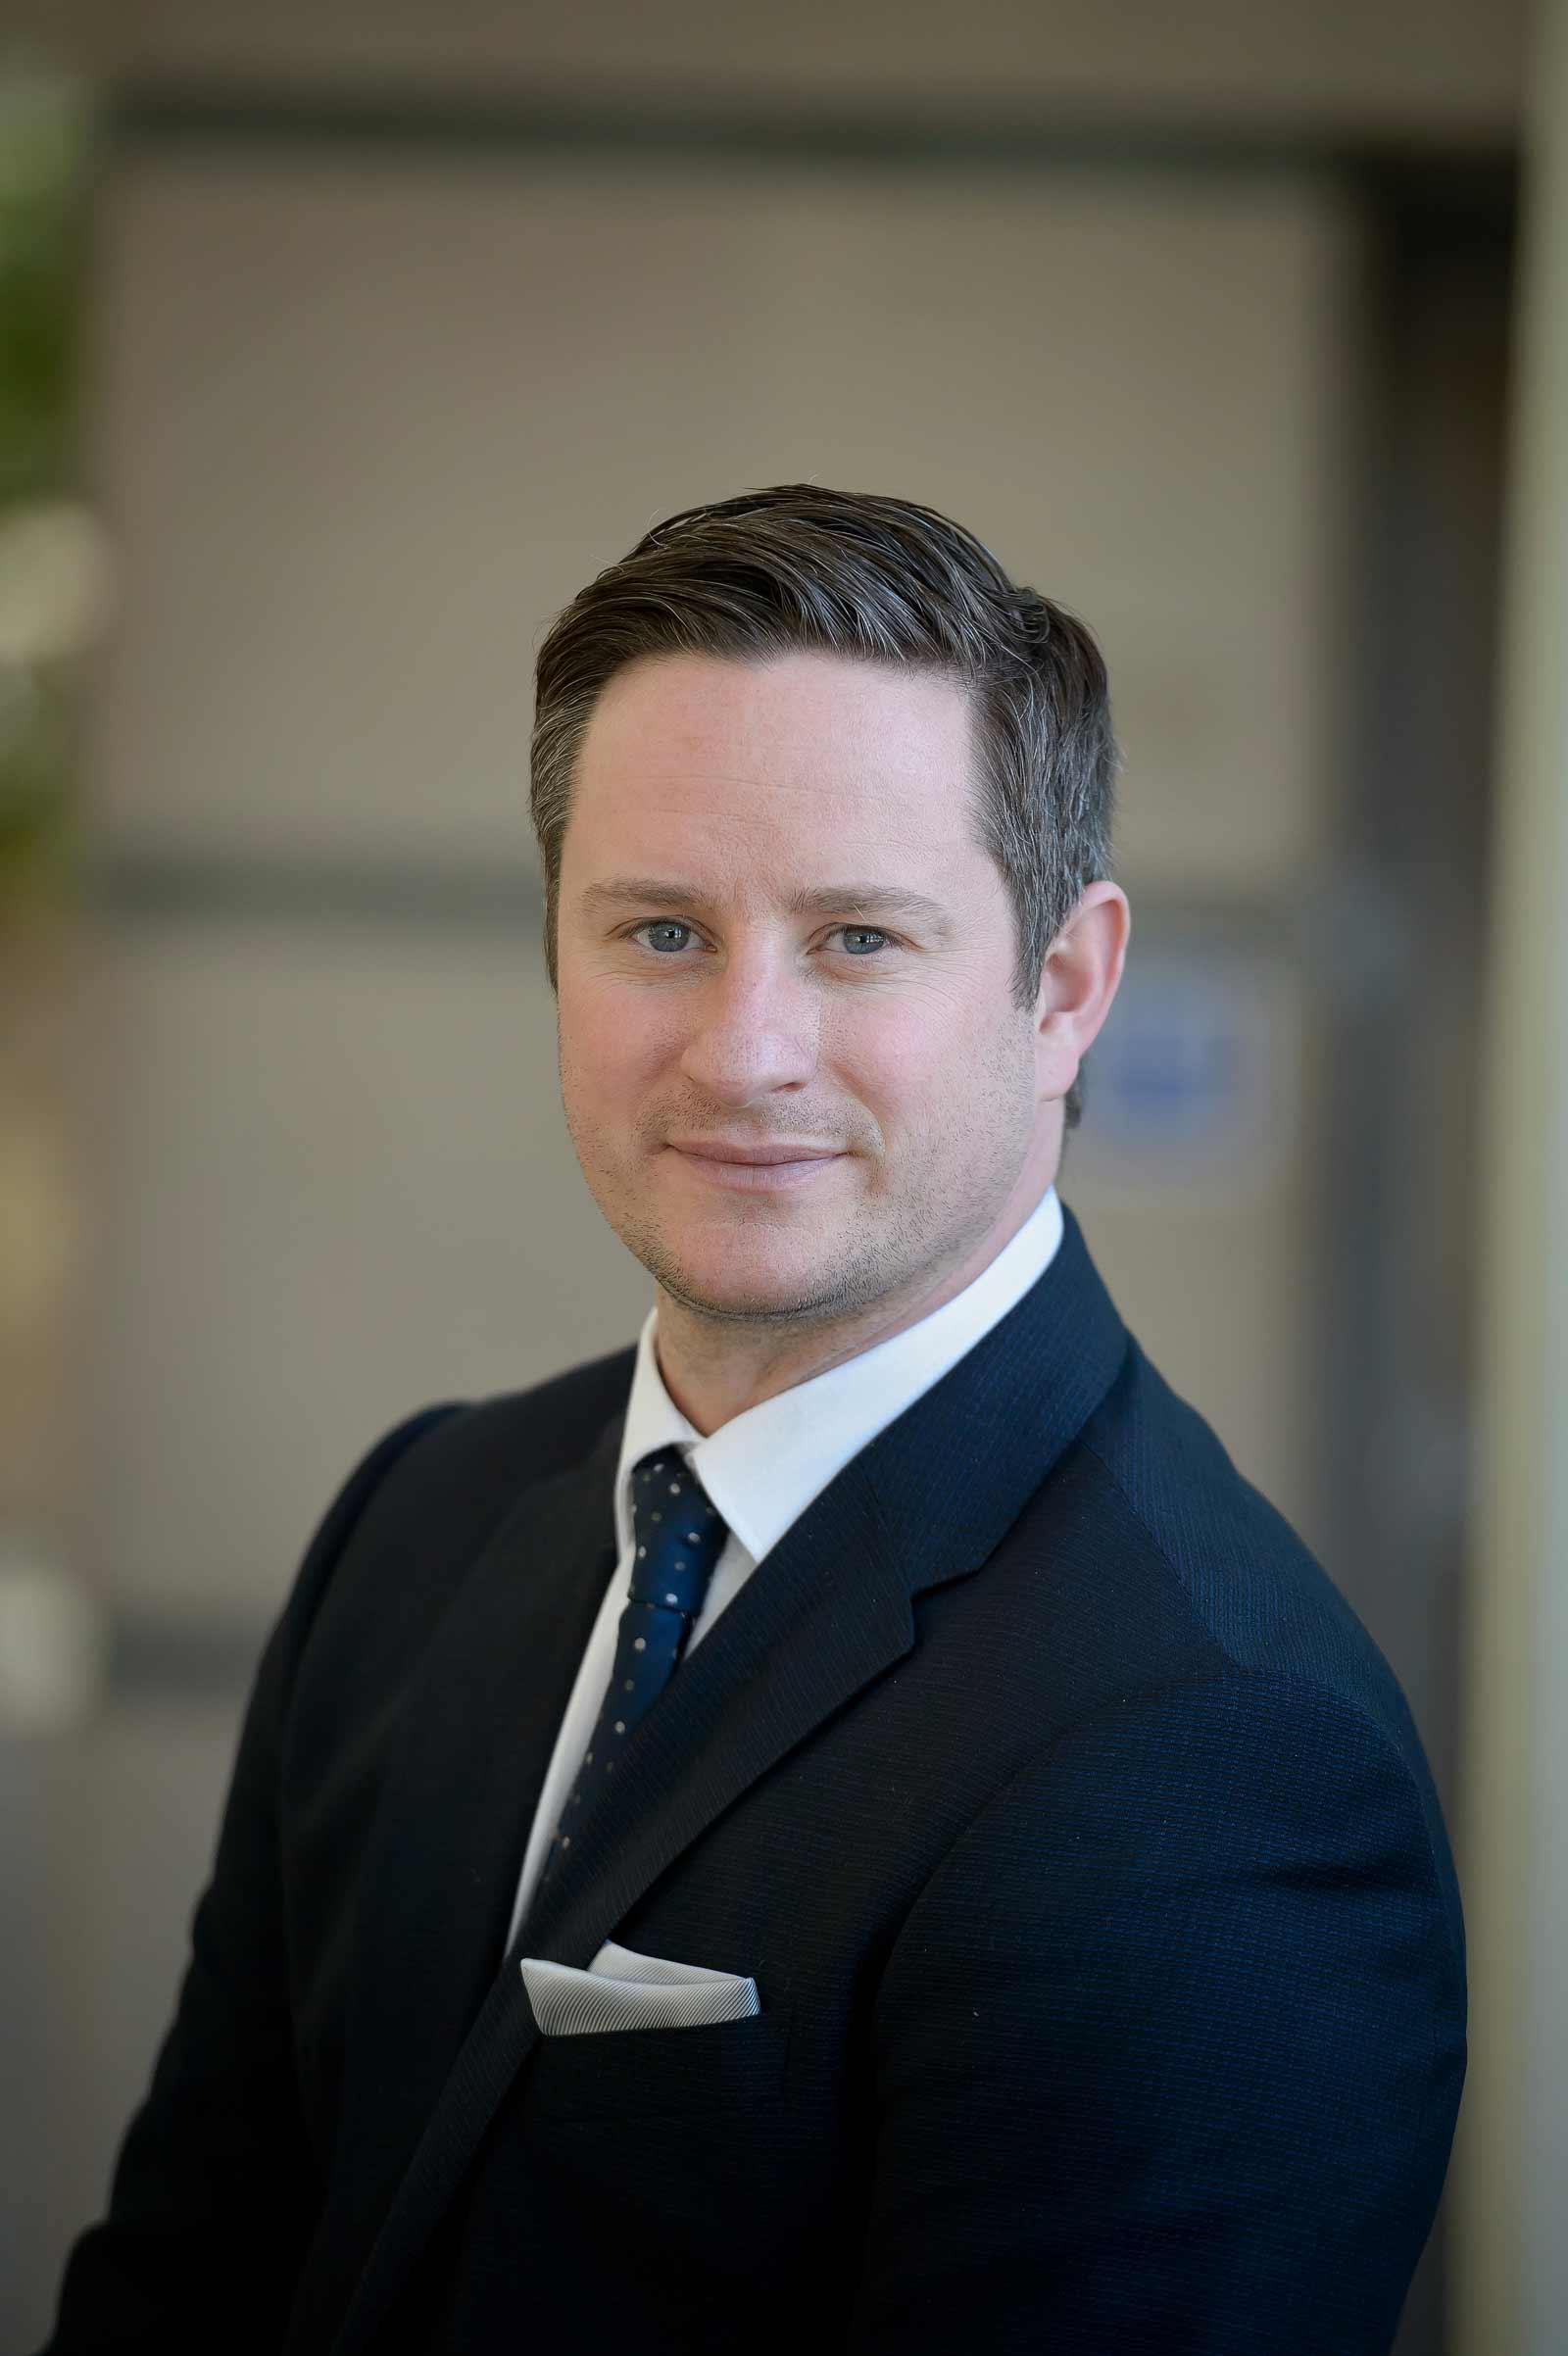 Headshot of Derek MacLean mortgage broker